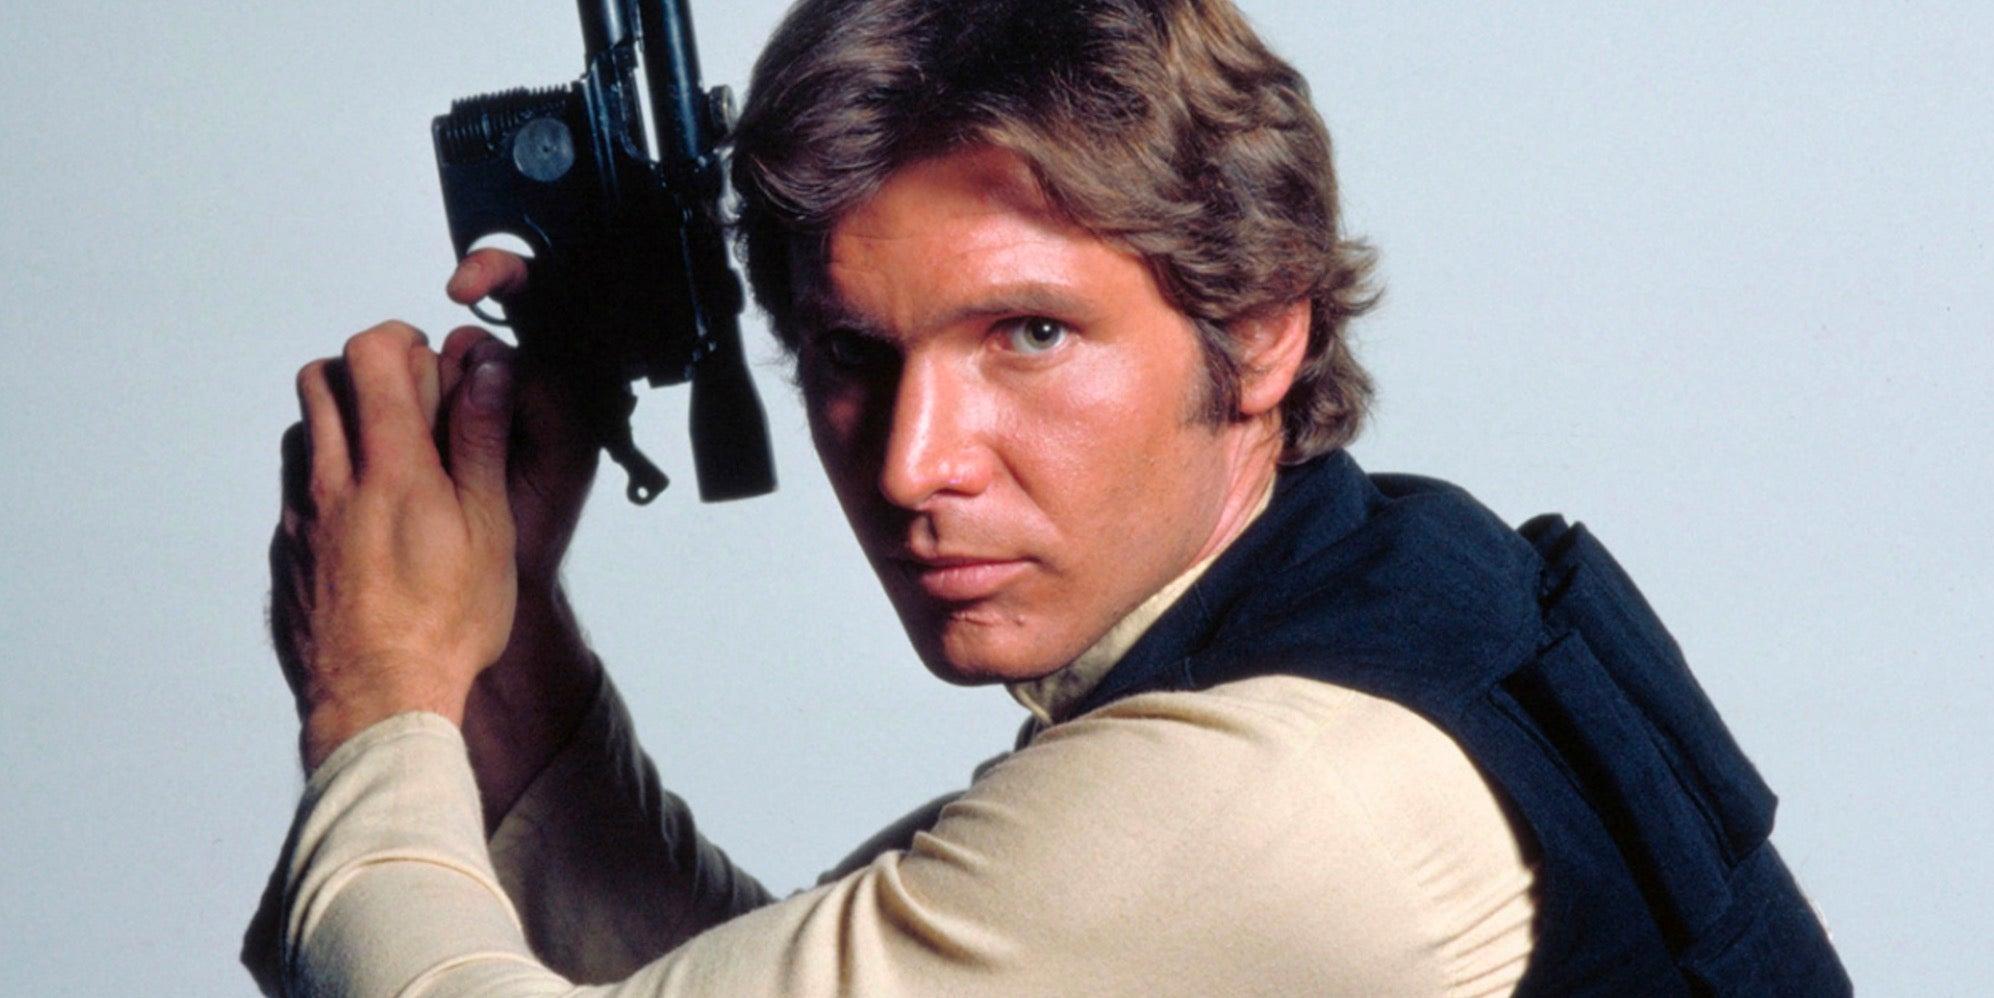 Alden Ehrenreich's Han Solo Hair Is So On Point